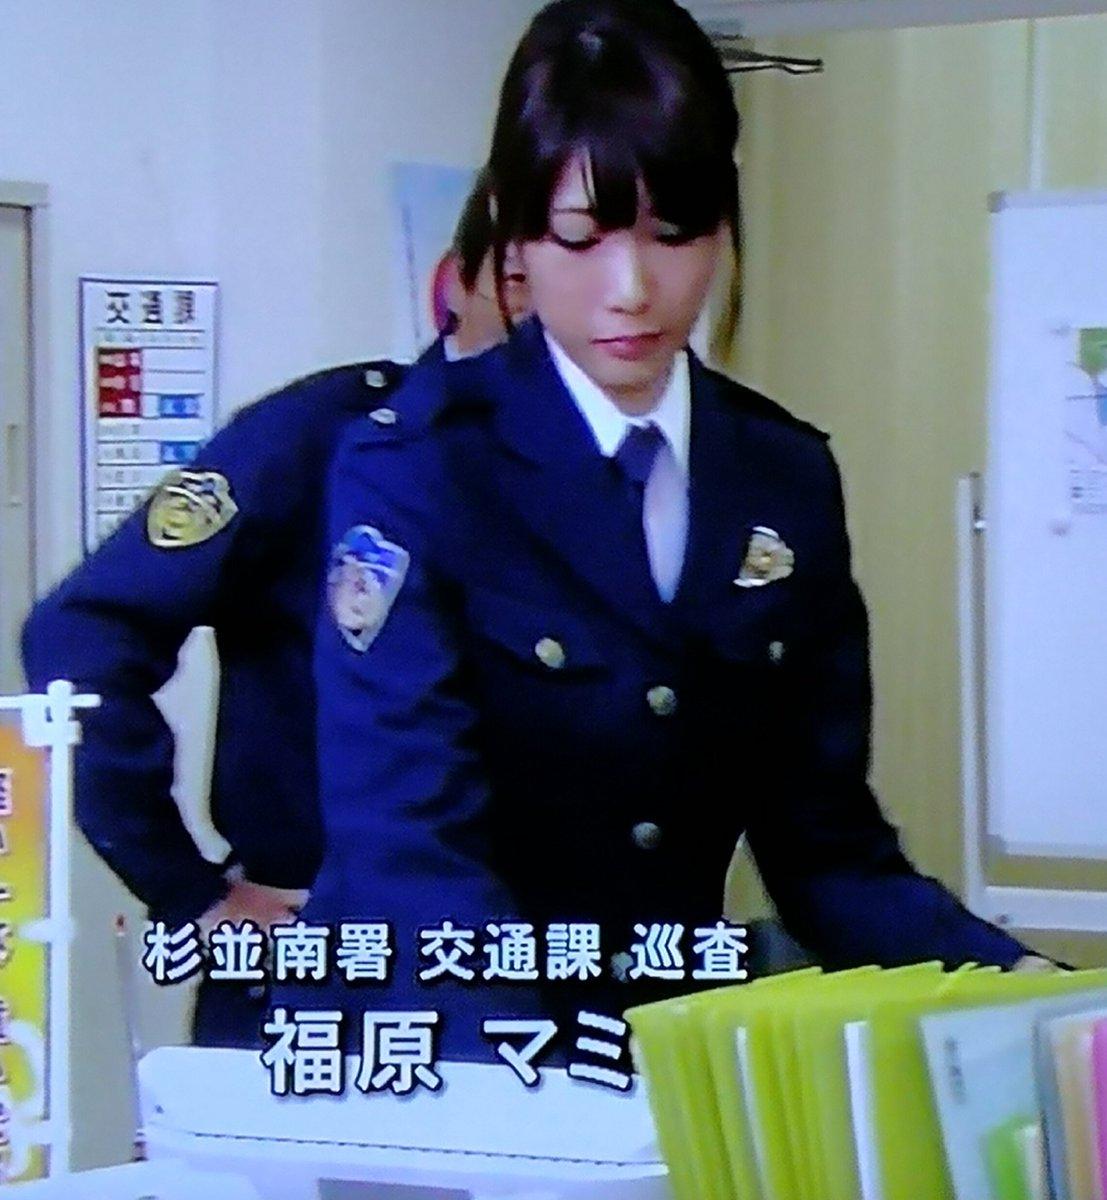 落としの鬼 刑事 澤千夏